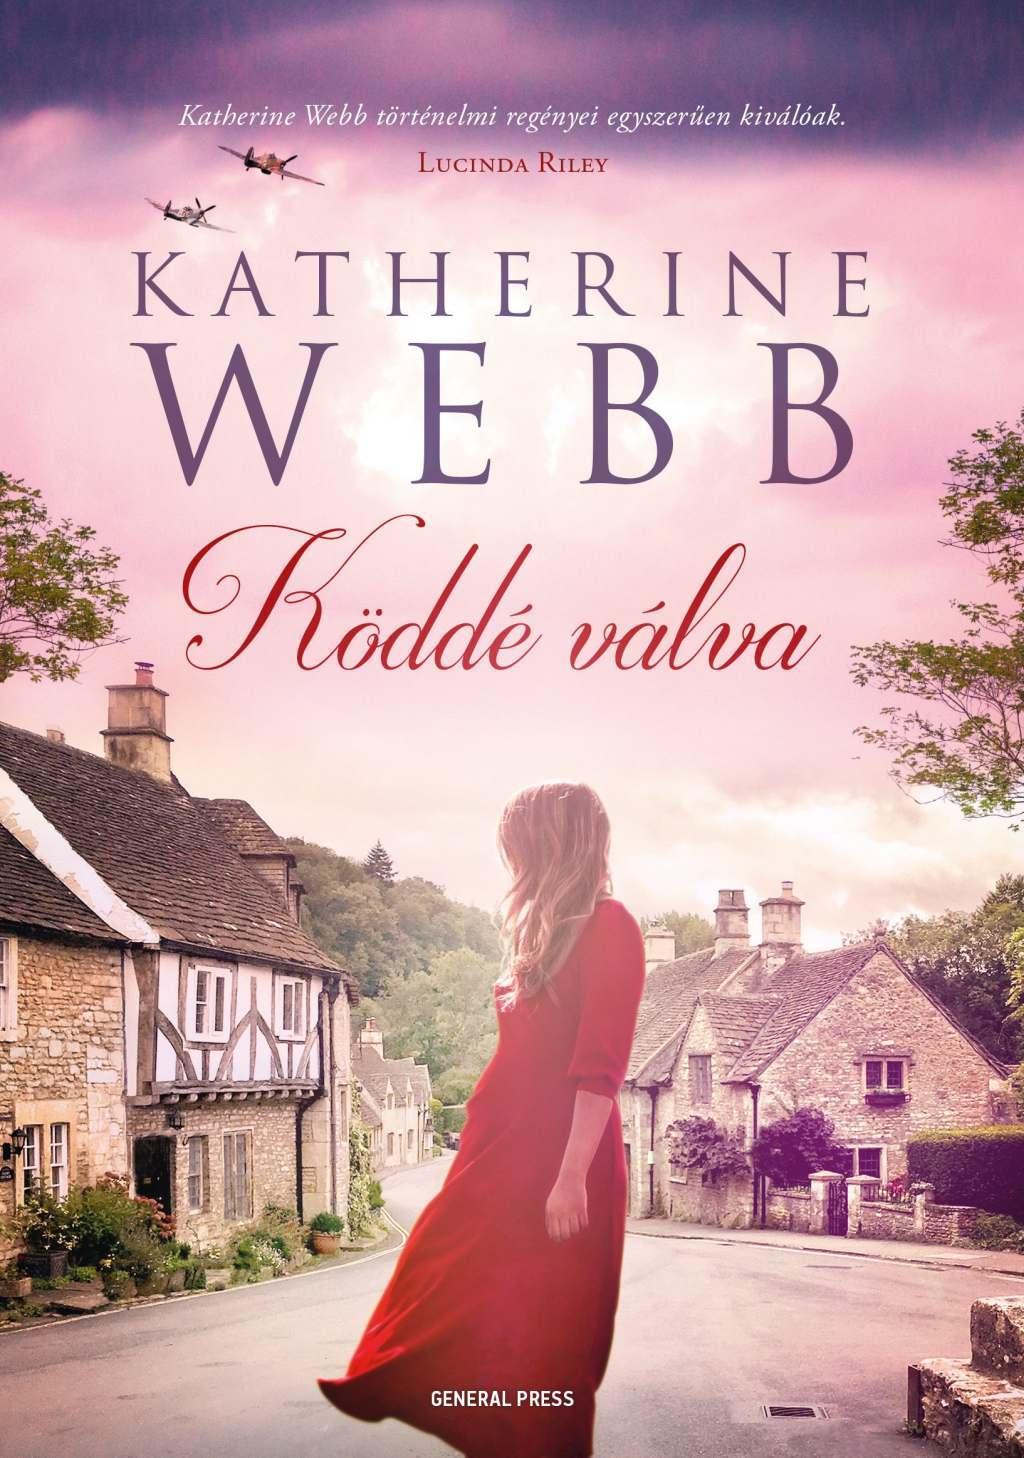 Katherine Webb - Köddé válva